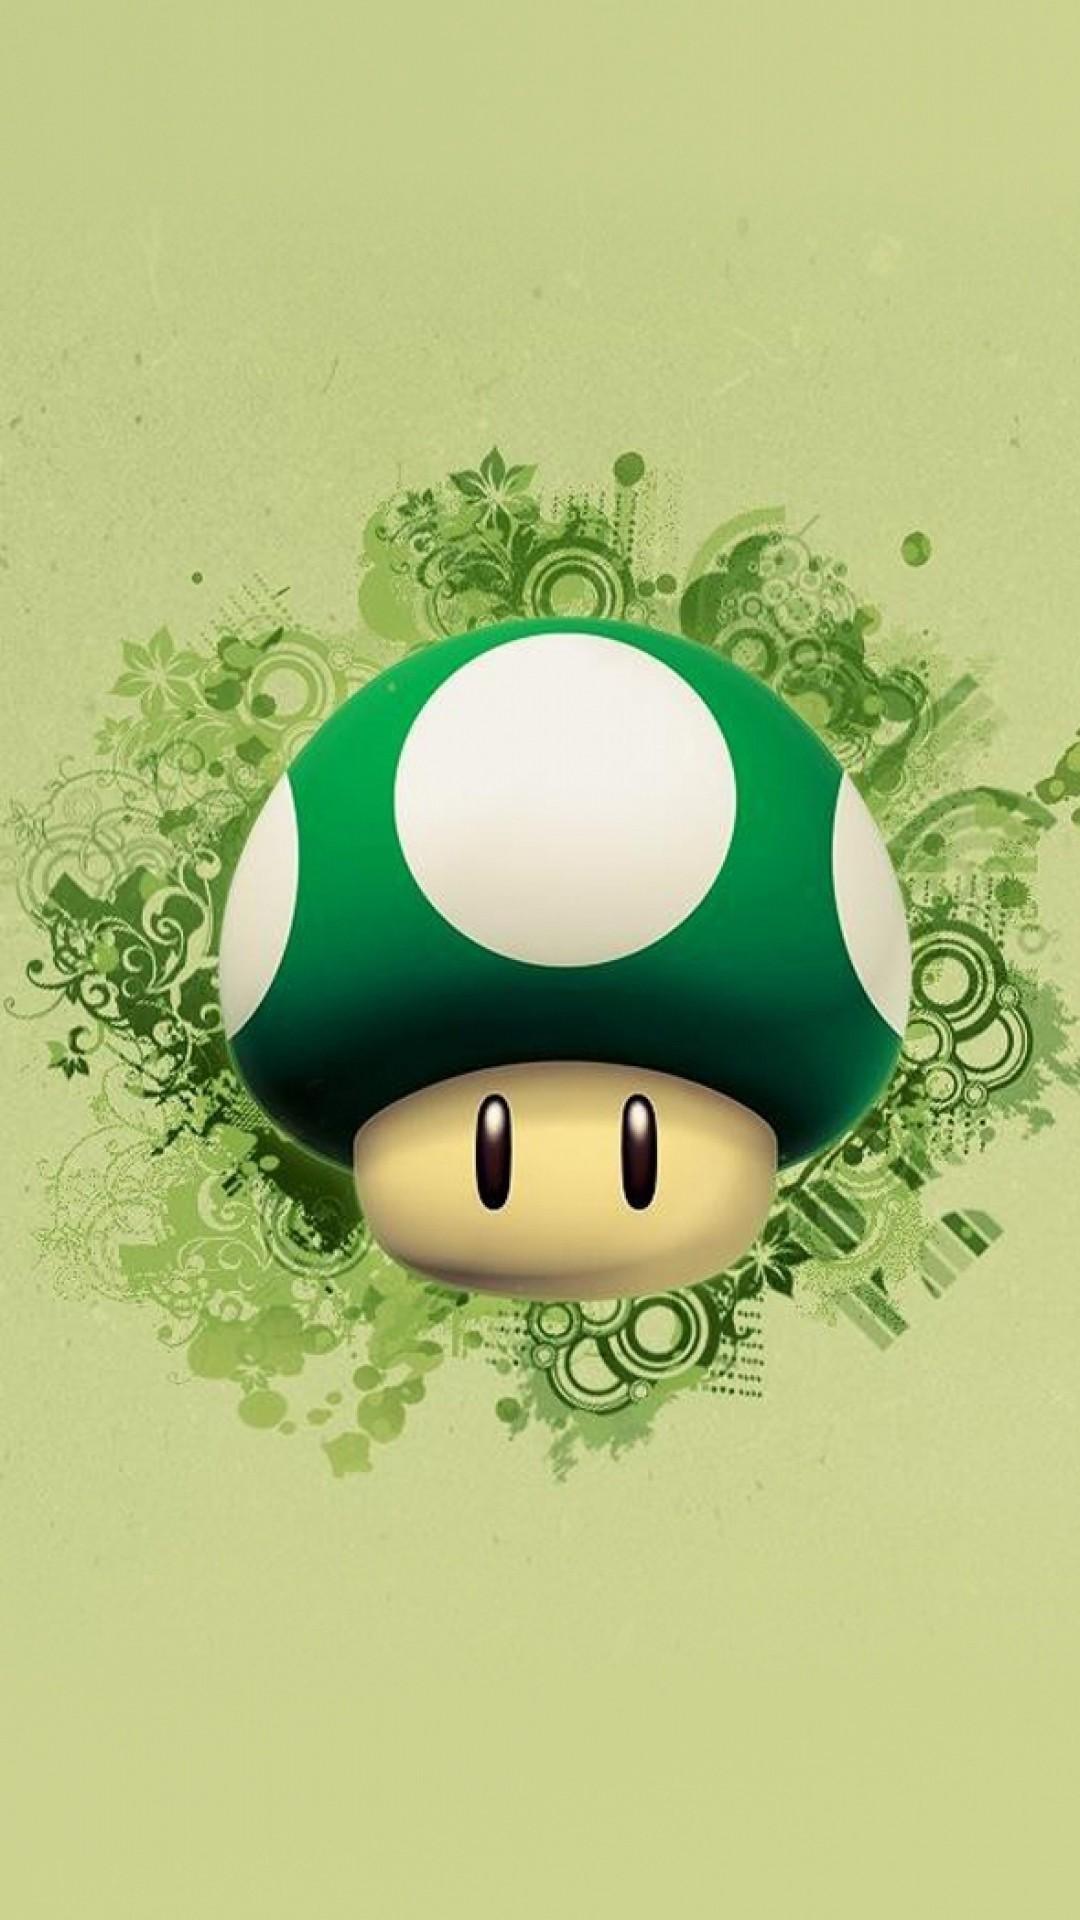 [Game] Super Mario | iPhone Wallpaper